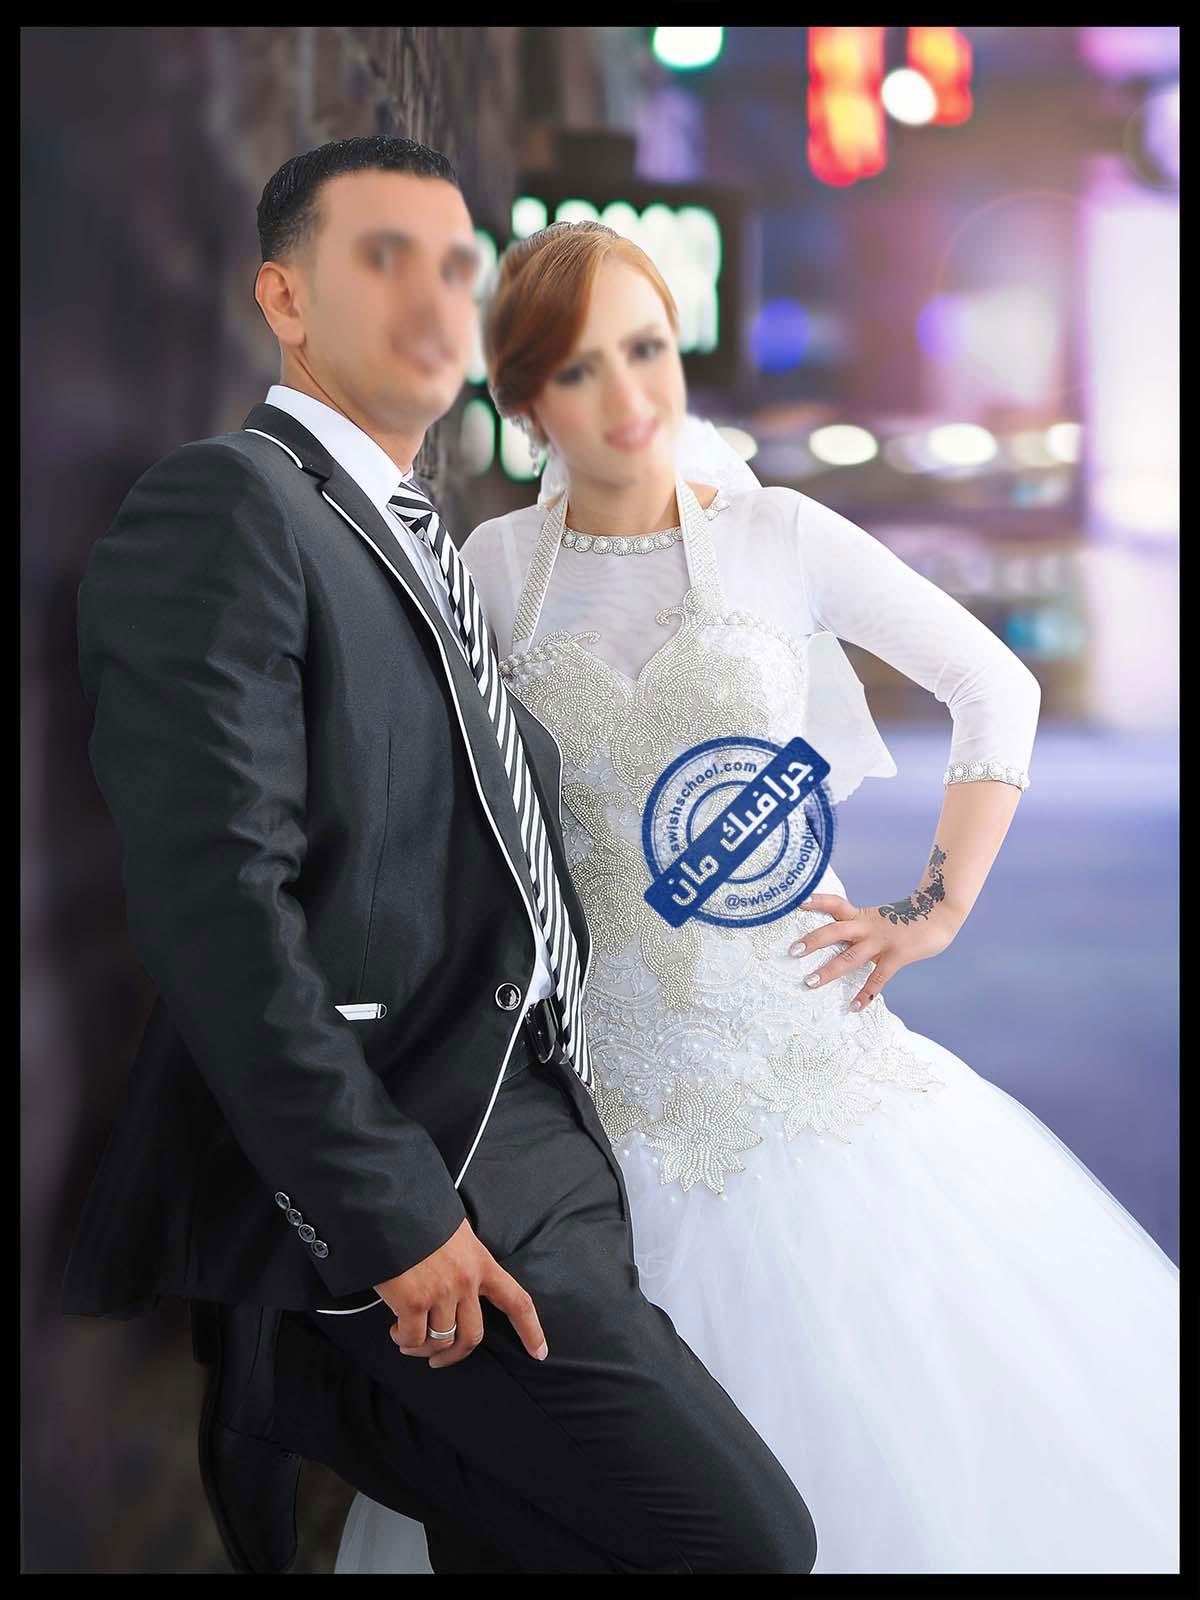 Romantic wedding designs 3 خلفيات عرايس رومانسيه psd للزفاف الجزء الاول